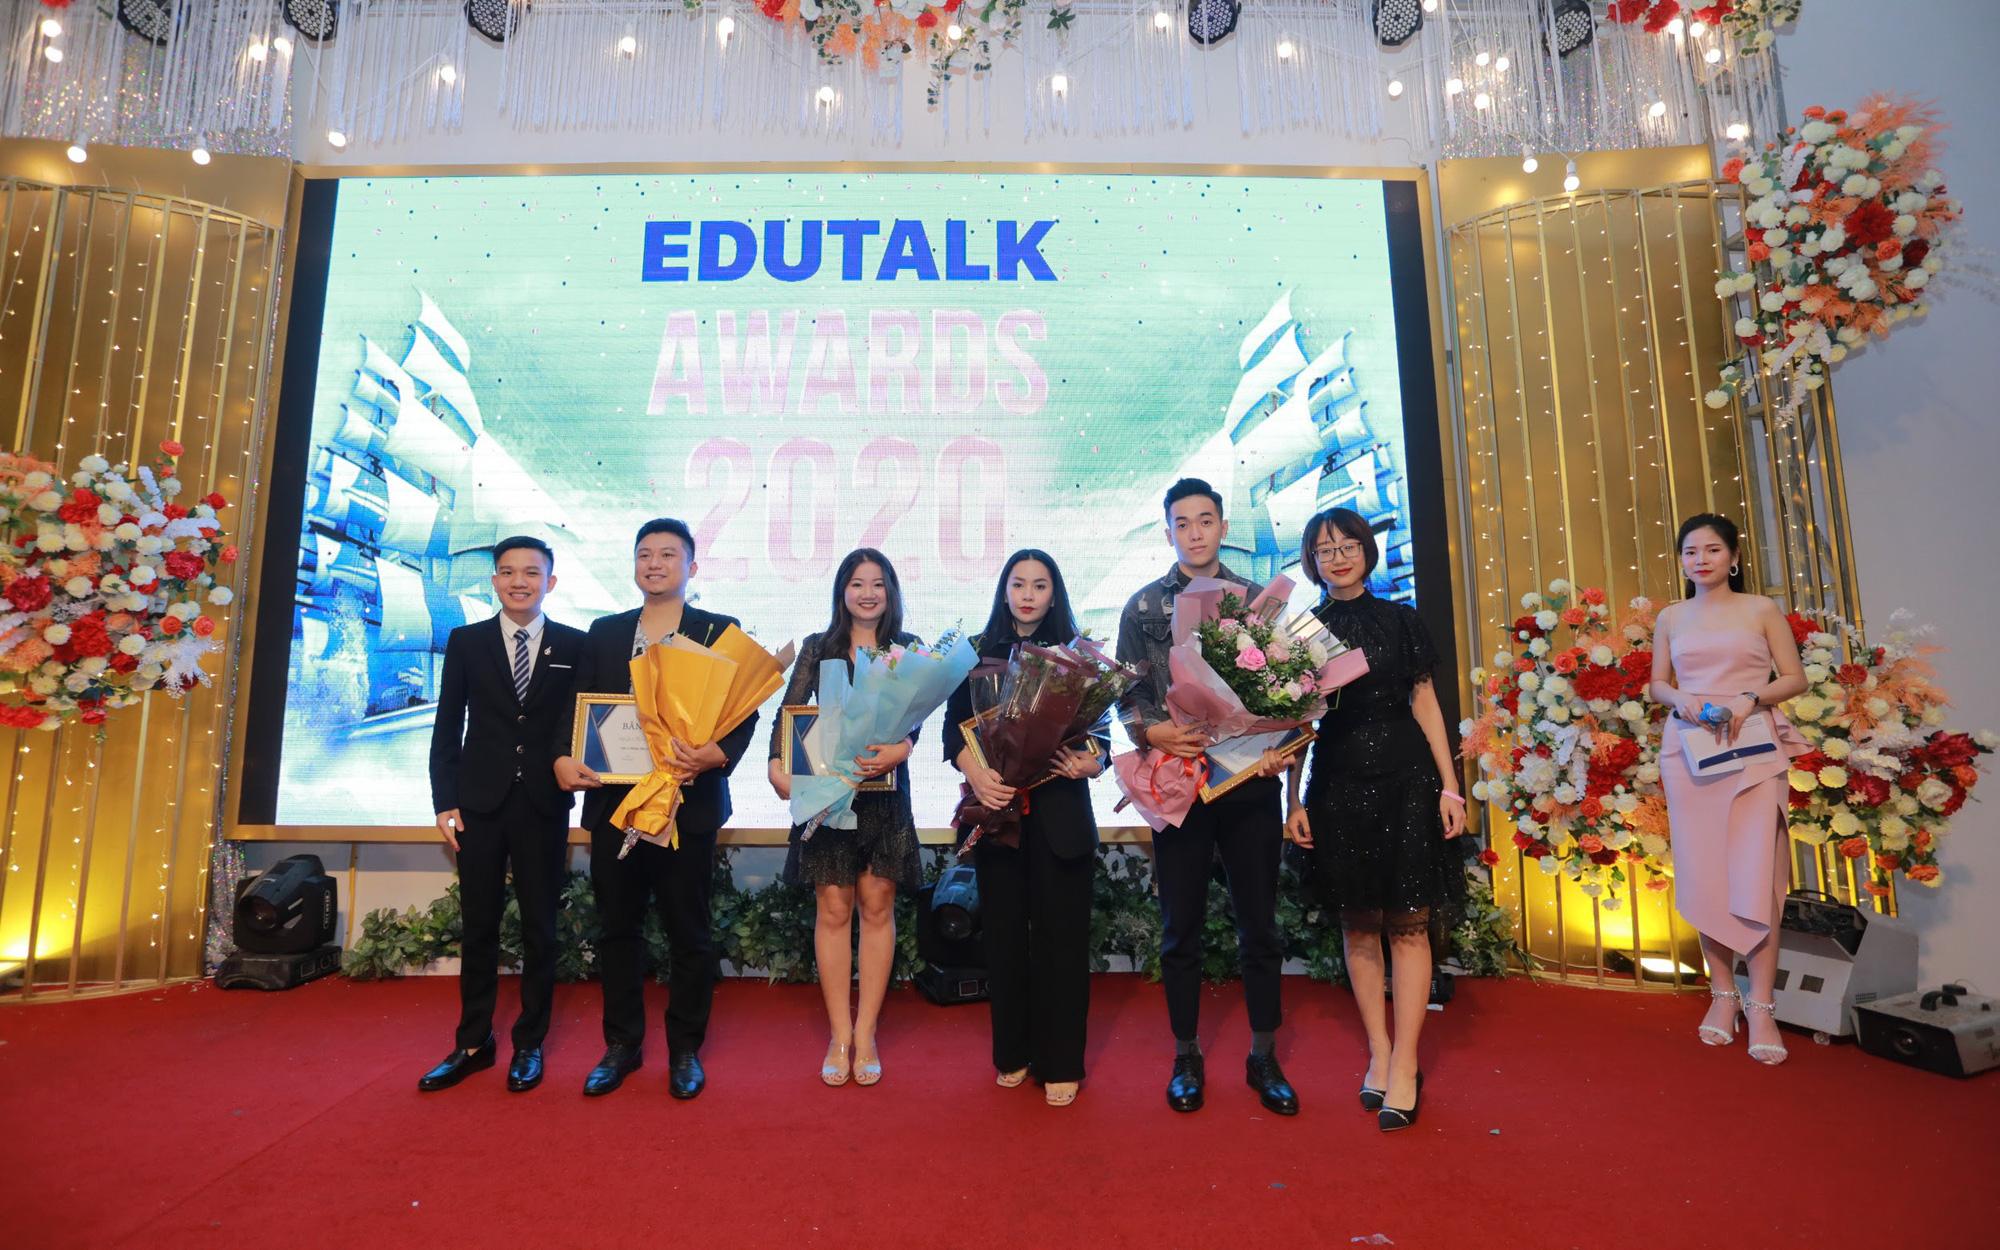 Cái bắt tay giá trị của Edutalk và các giảng viên, trung tâm tiếng Anh